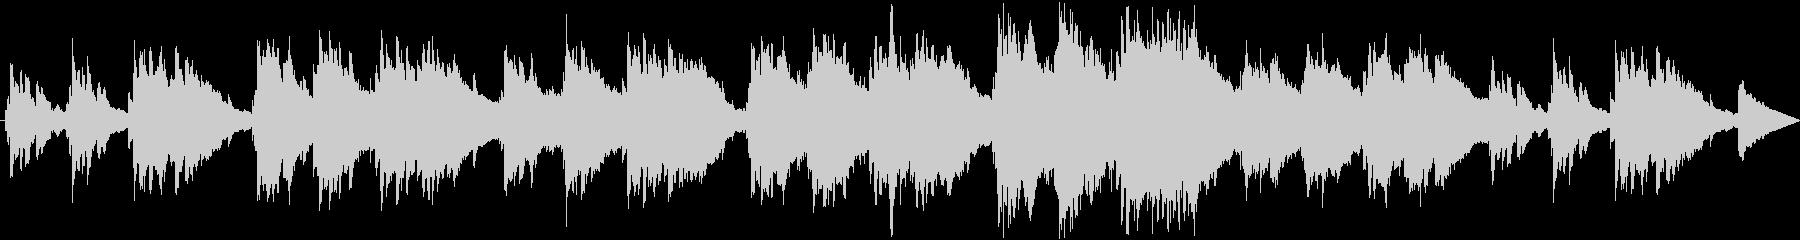 室内楽 クラシック 交響曲 アンビ...の未再生の波形